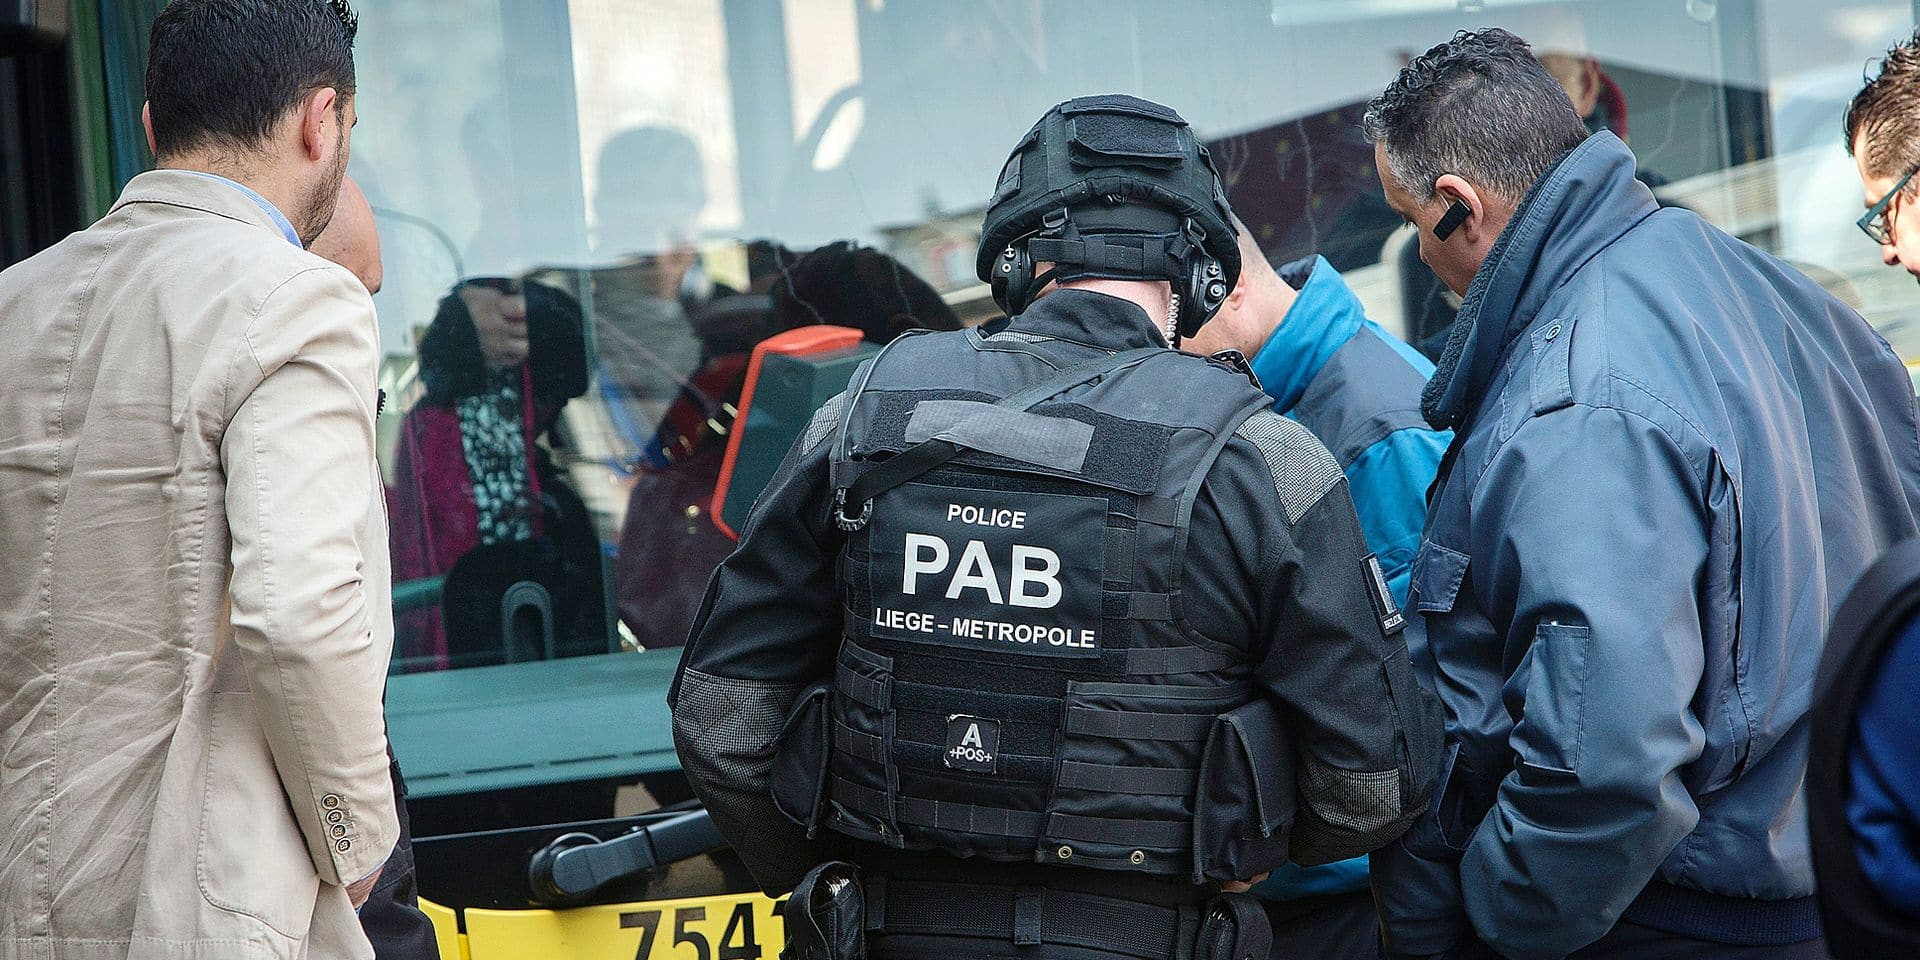 Grivegnée : arrestation d'un homme suspect qui s'est nfermé dans un bus après avoir abdnonné des colis suspects . Le PAB en pleine action lors de l' arrestation de l 'individu